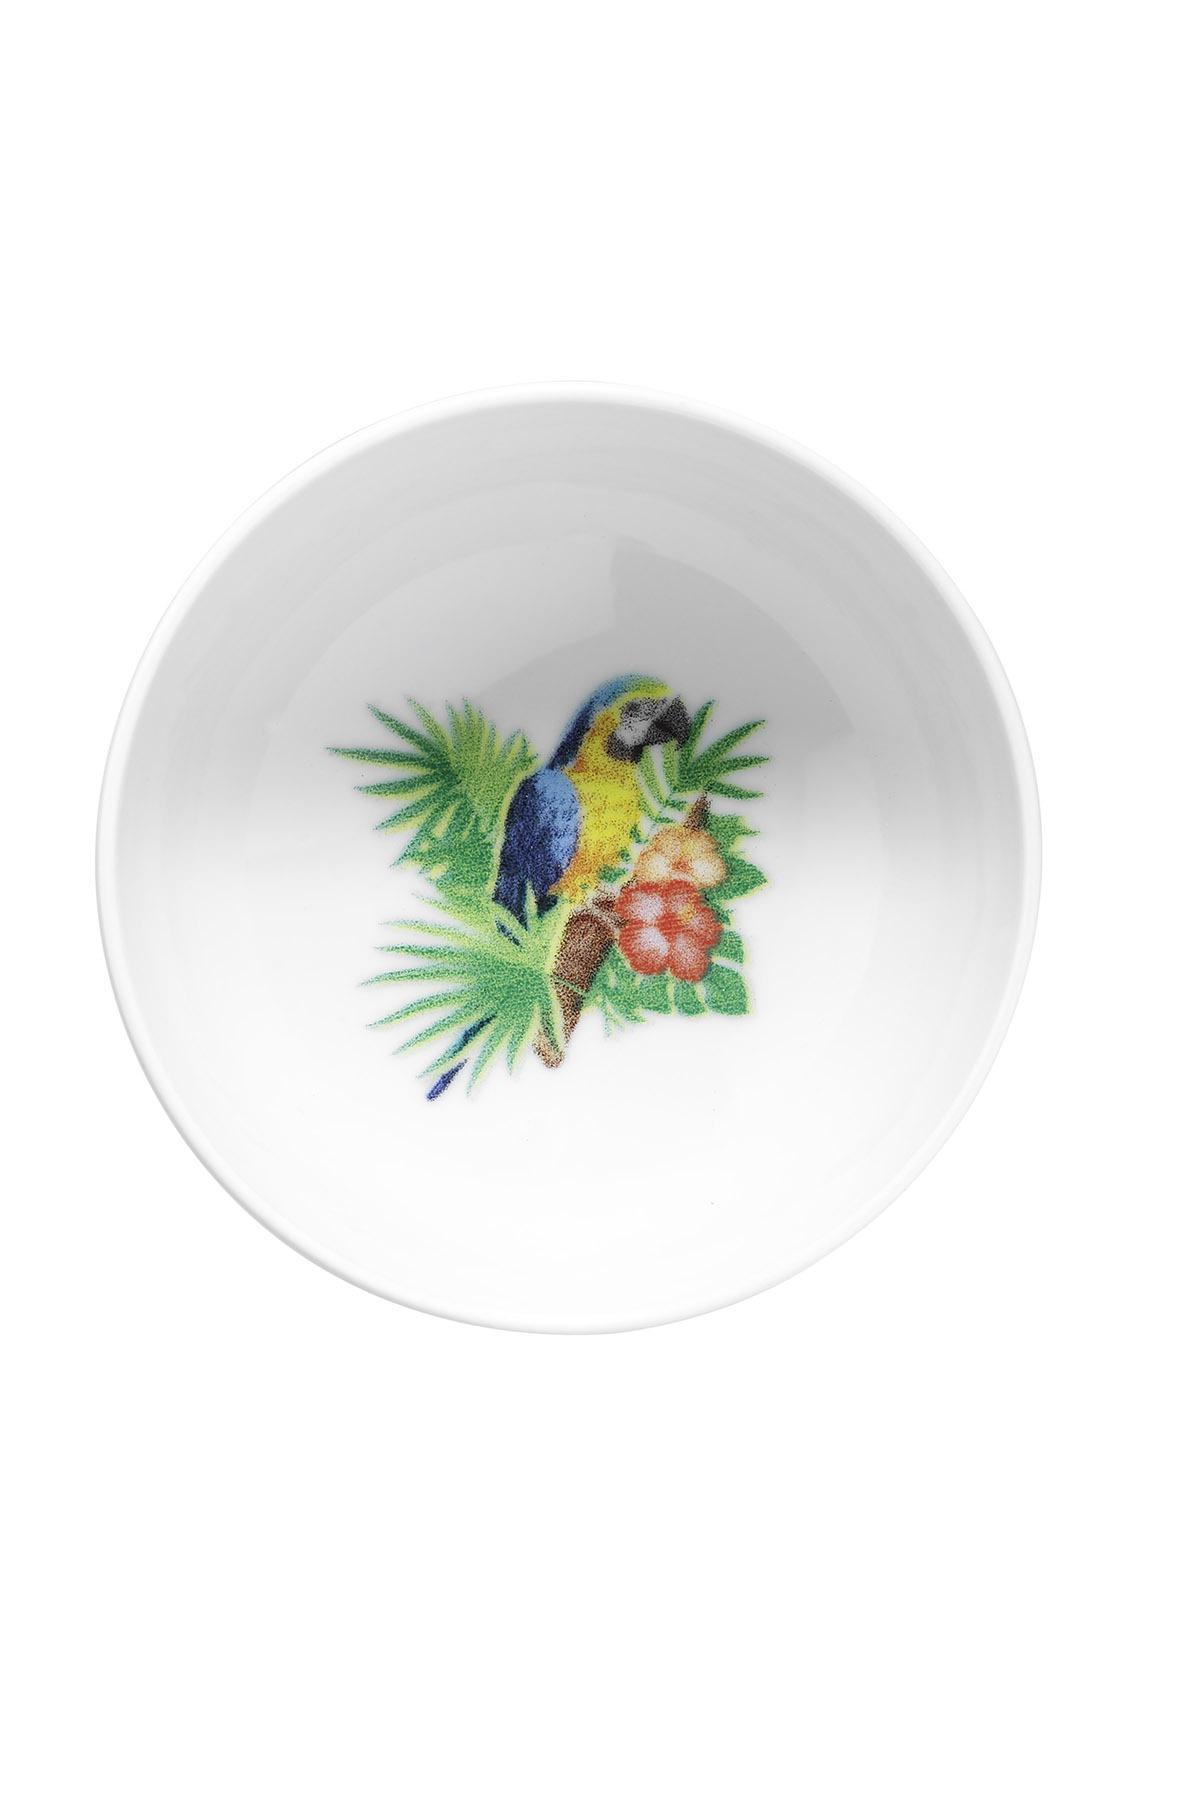 KÜTAHYA PORSELEN - Kütahya Porselen Doğadakiler 13 cm Kase Tabak Papağan